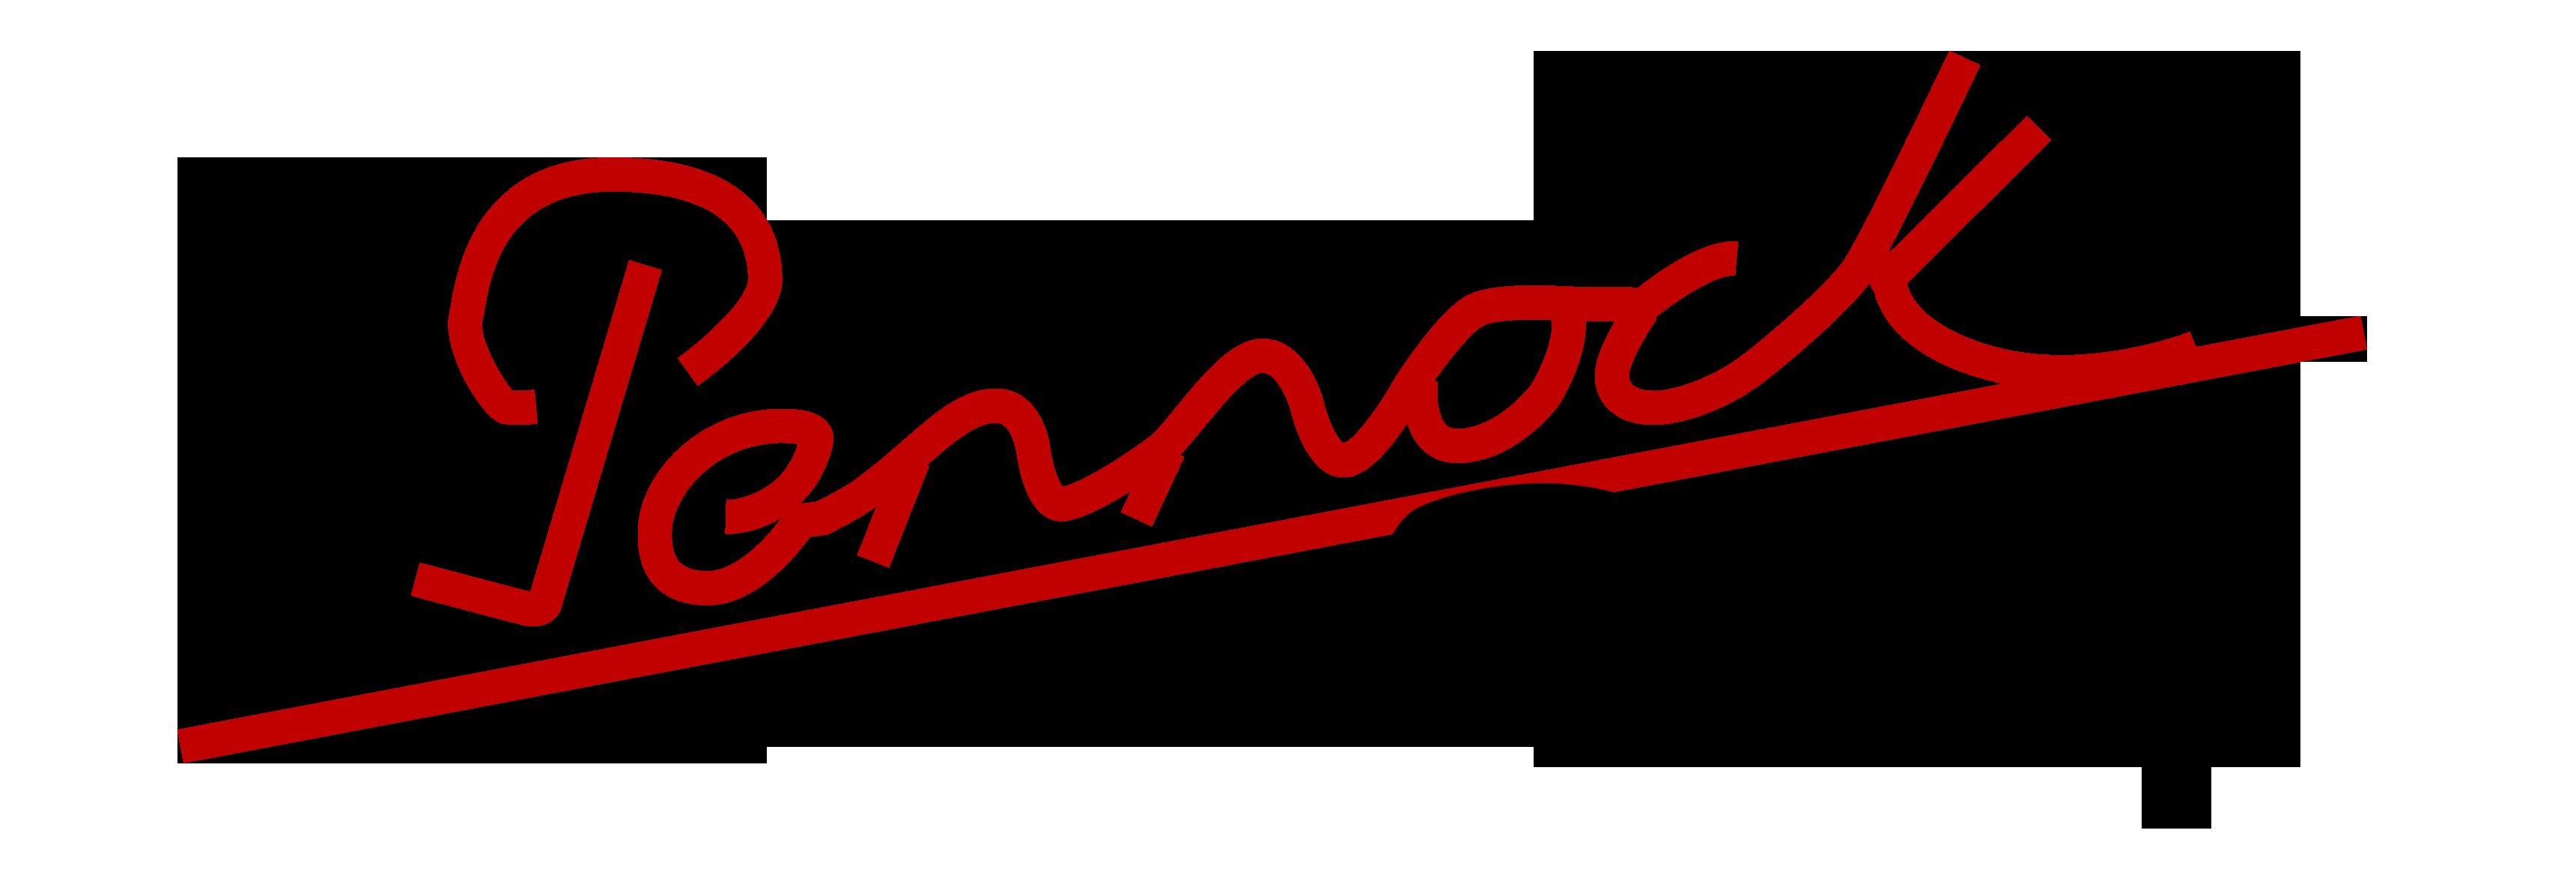 Pennock Racing